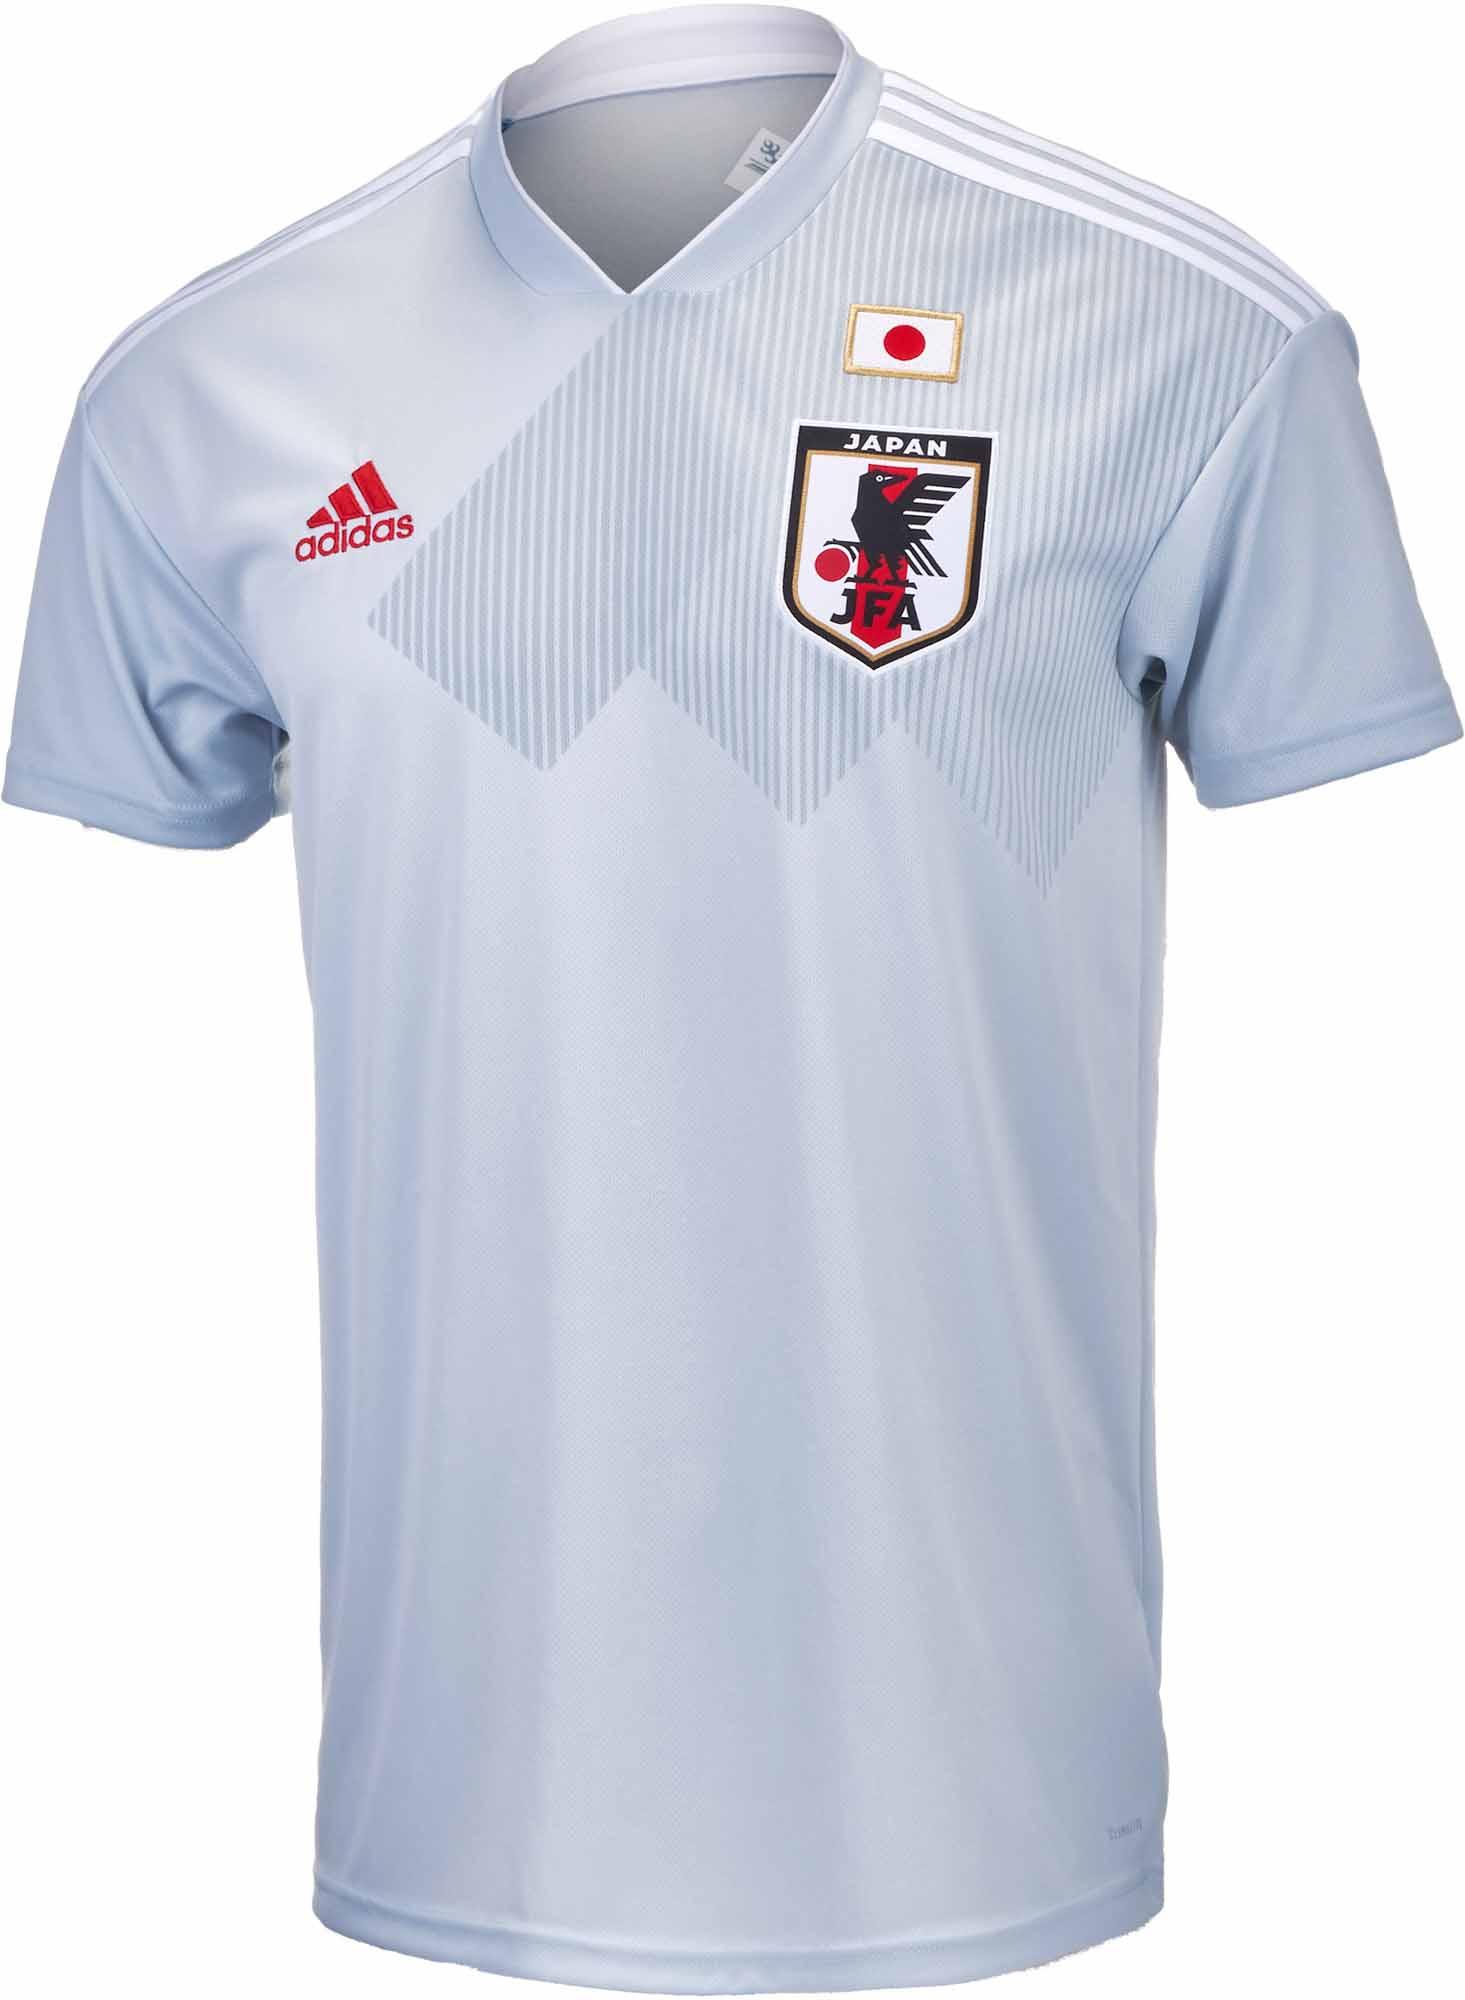 adidas Bayern Munich Away Authentic Jersey 2018 19 SoccerPro